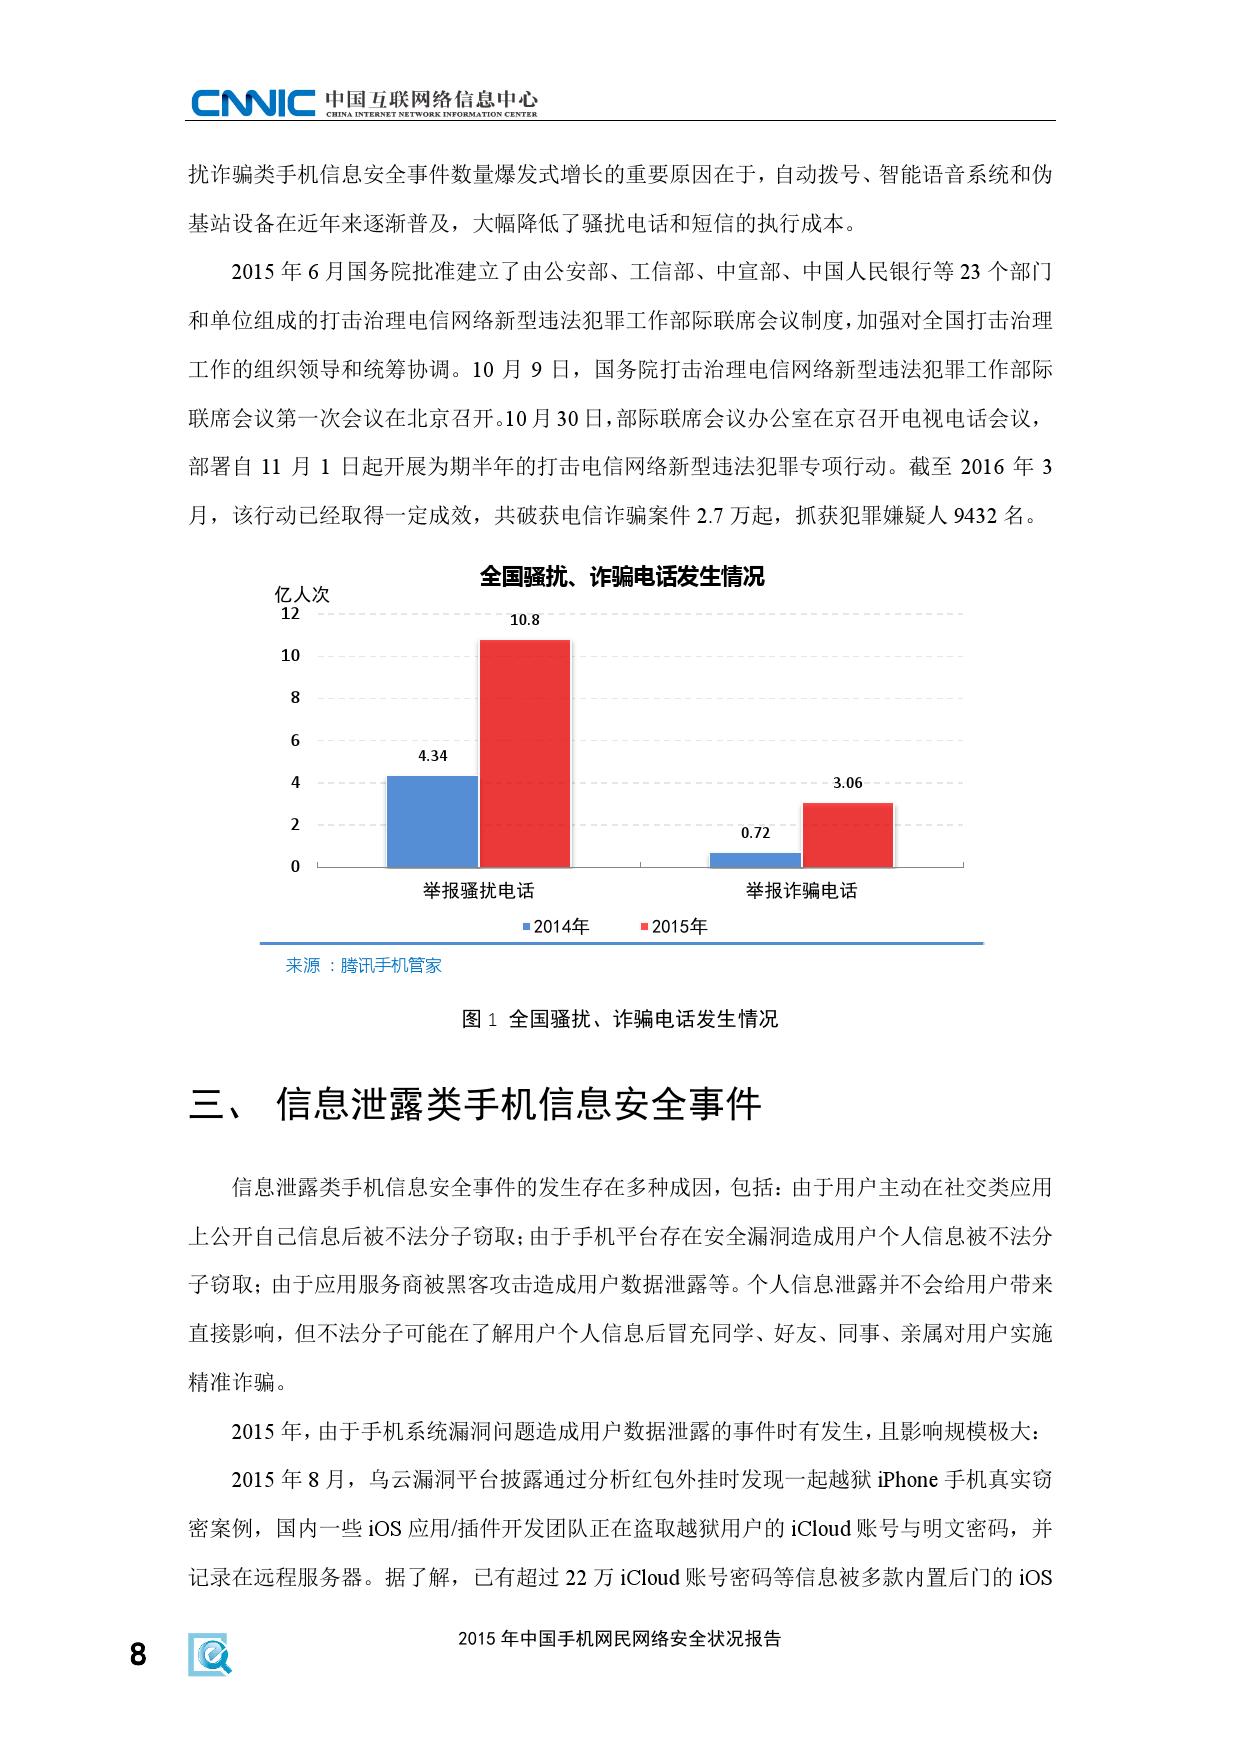 2015年中国手机网民网络安全状况报告_000014